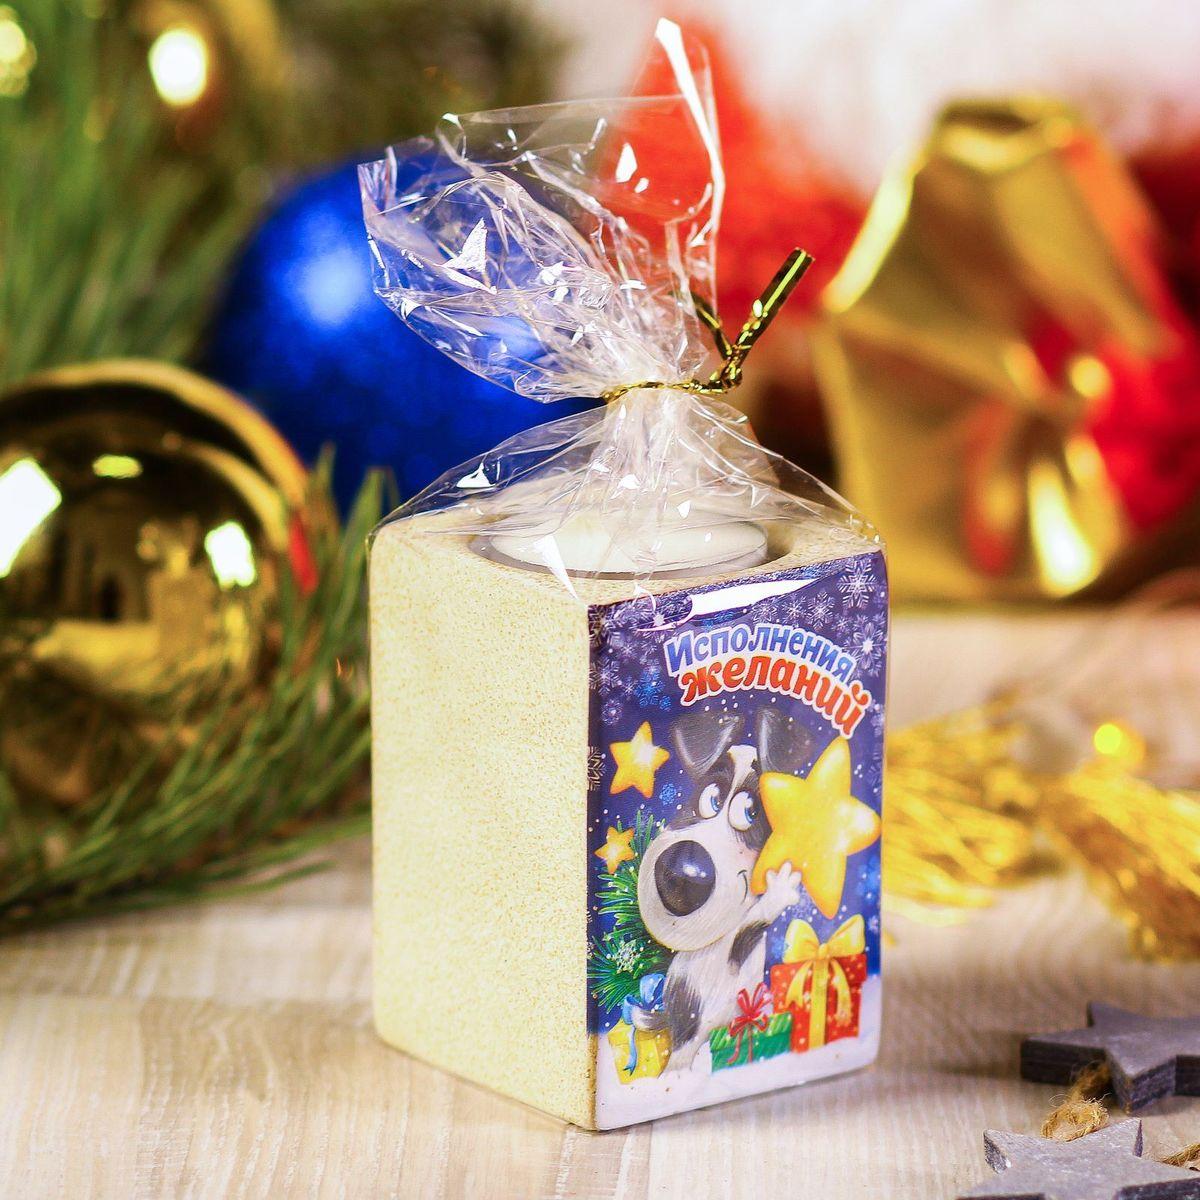 Подсвечник Sima-land Исполнения желаний, 5,5 х 7,5 см2248043Создать романтичную атмосферу в самую волшебную ночь года поможет Подсвечник со свечой Исполнения желаний. Мерцающий свет от одного или нескольких изделий наполнит комнату теплом и принесёт новогоднее настроение.Сувенир станет приятным сюрпризом или отличным дополнением к основному подарку.Внимание! Расставляйте зажжённые свечи аккуратно, вдали от легковоспламеняющихся предметов.